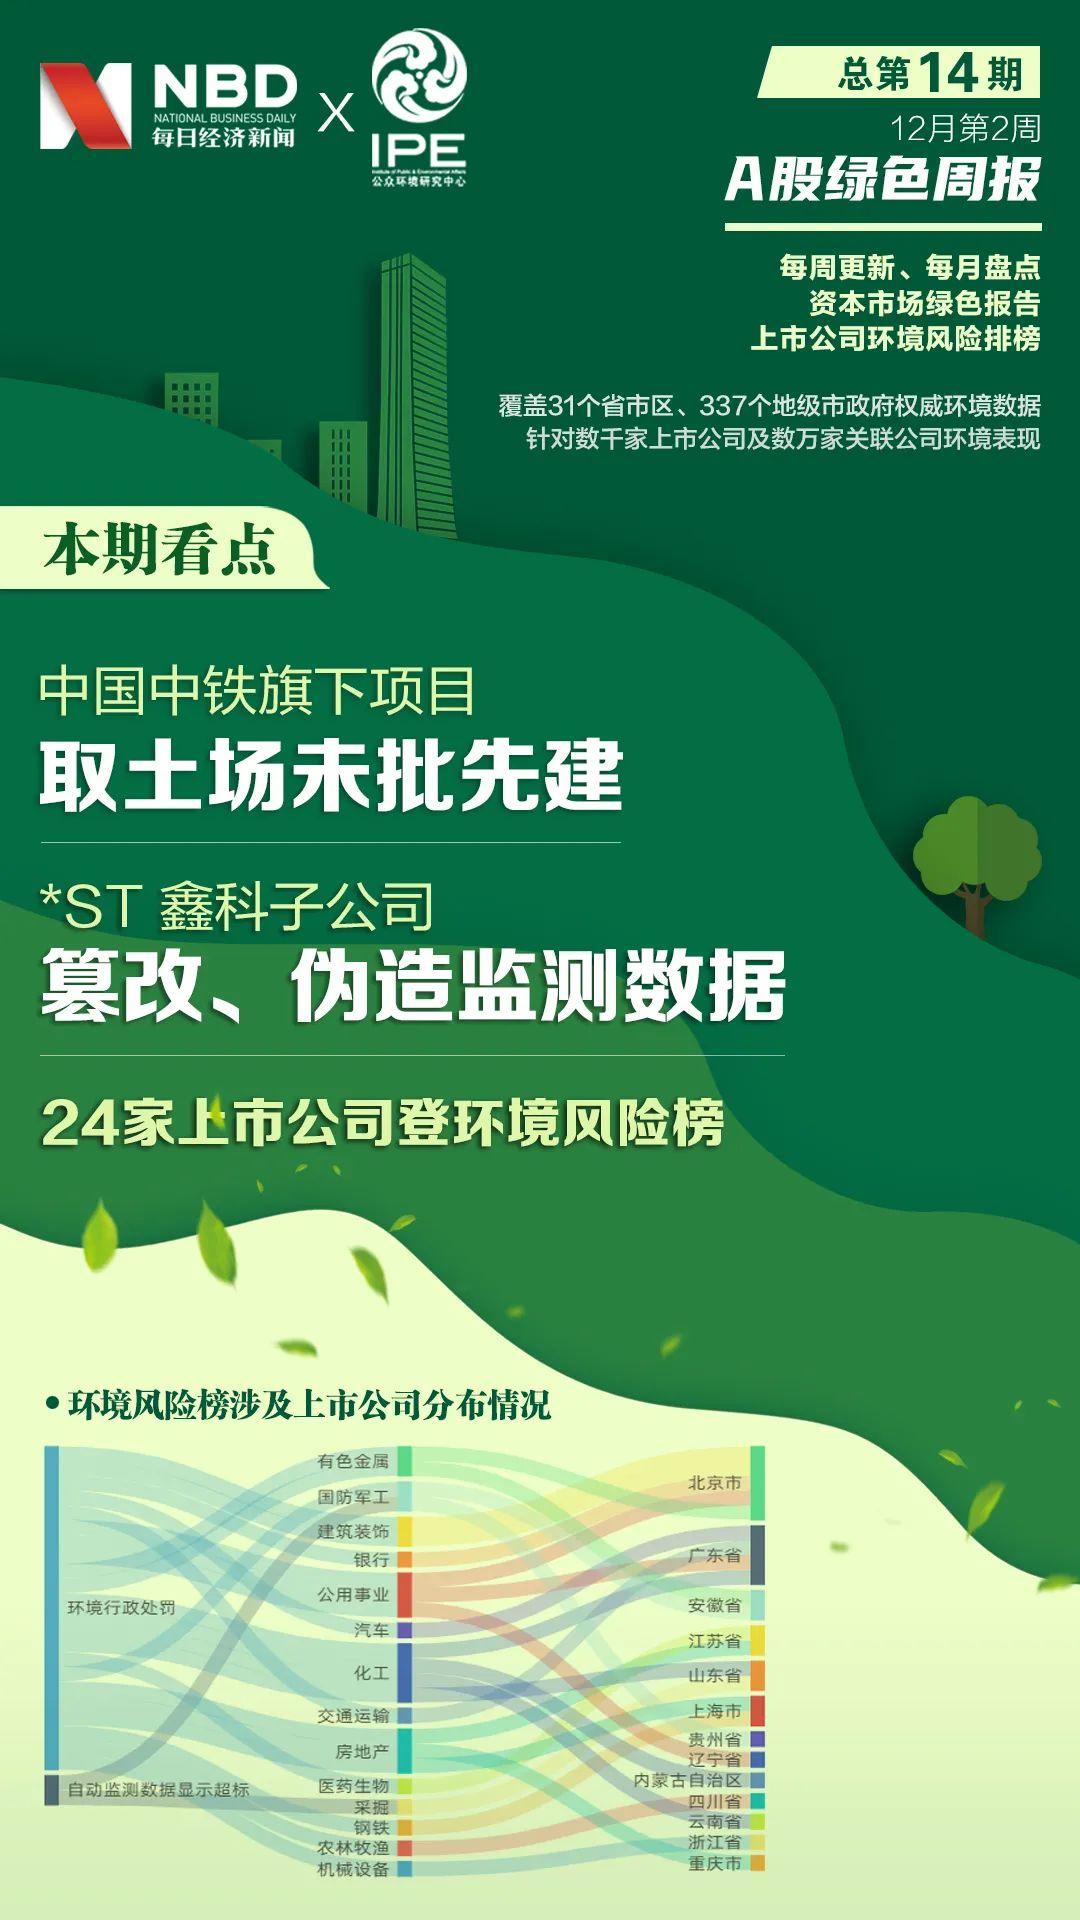 24家上市公司登环境风险榜 *ST鑫科子公司篡改数据领百万罚单